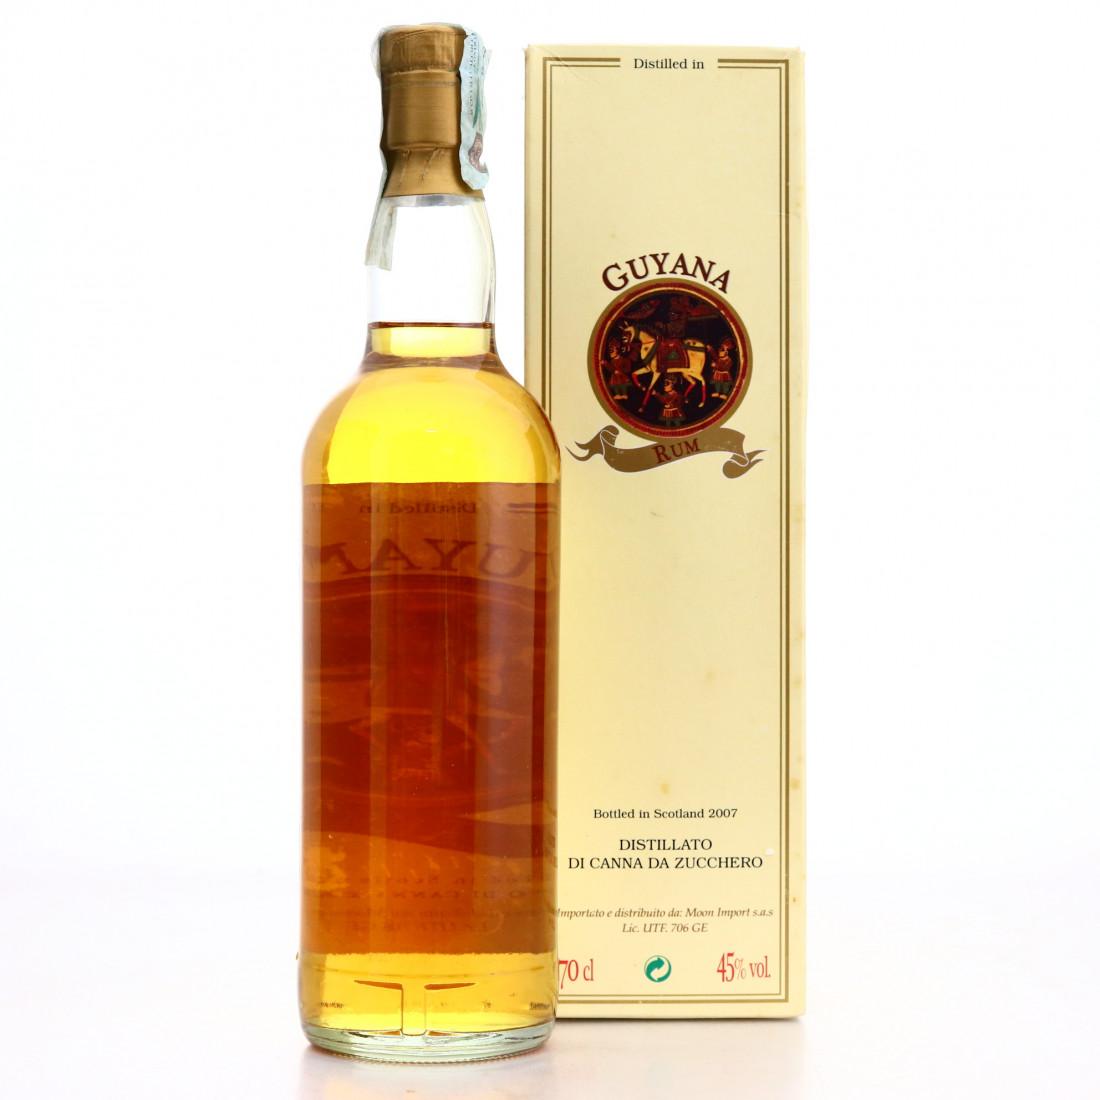 Guyana Rum Moon Import 2007